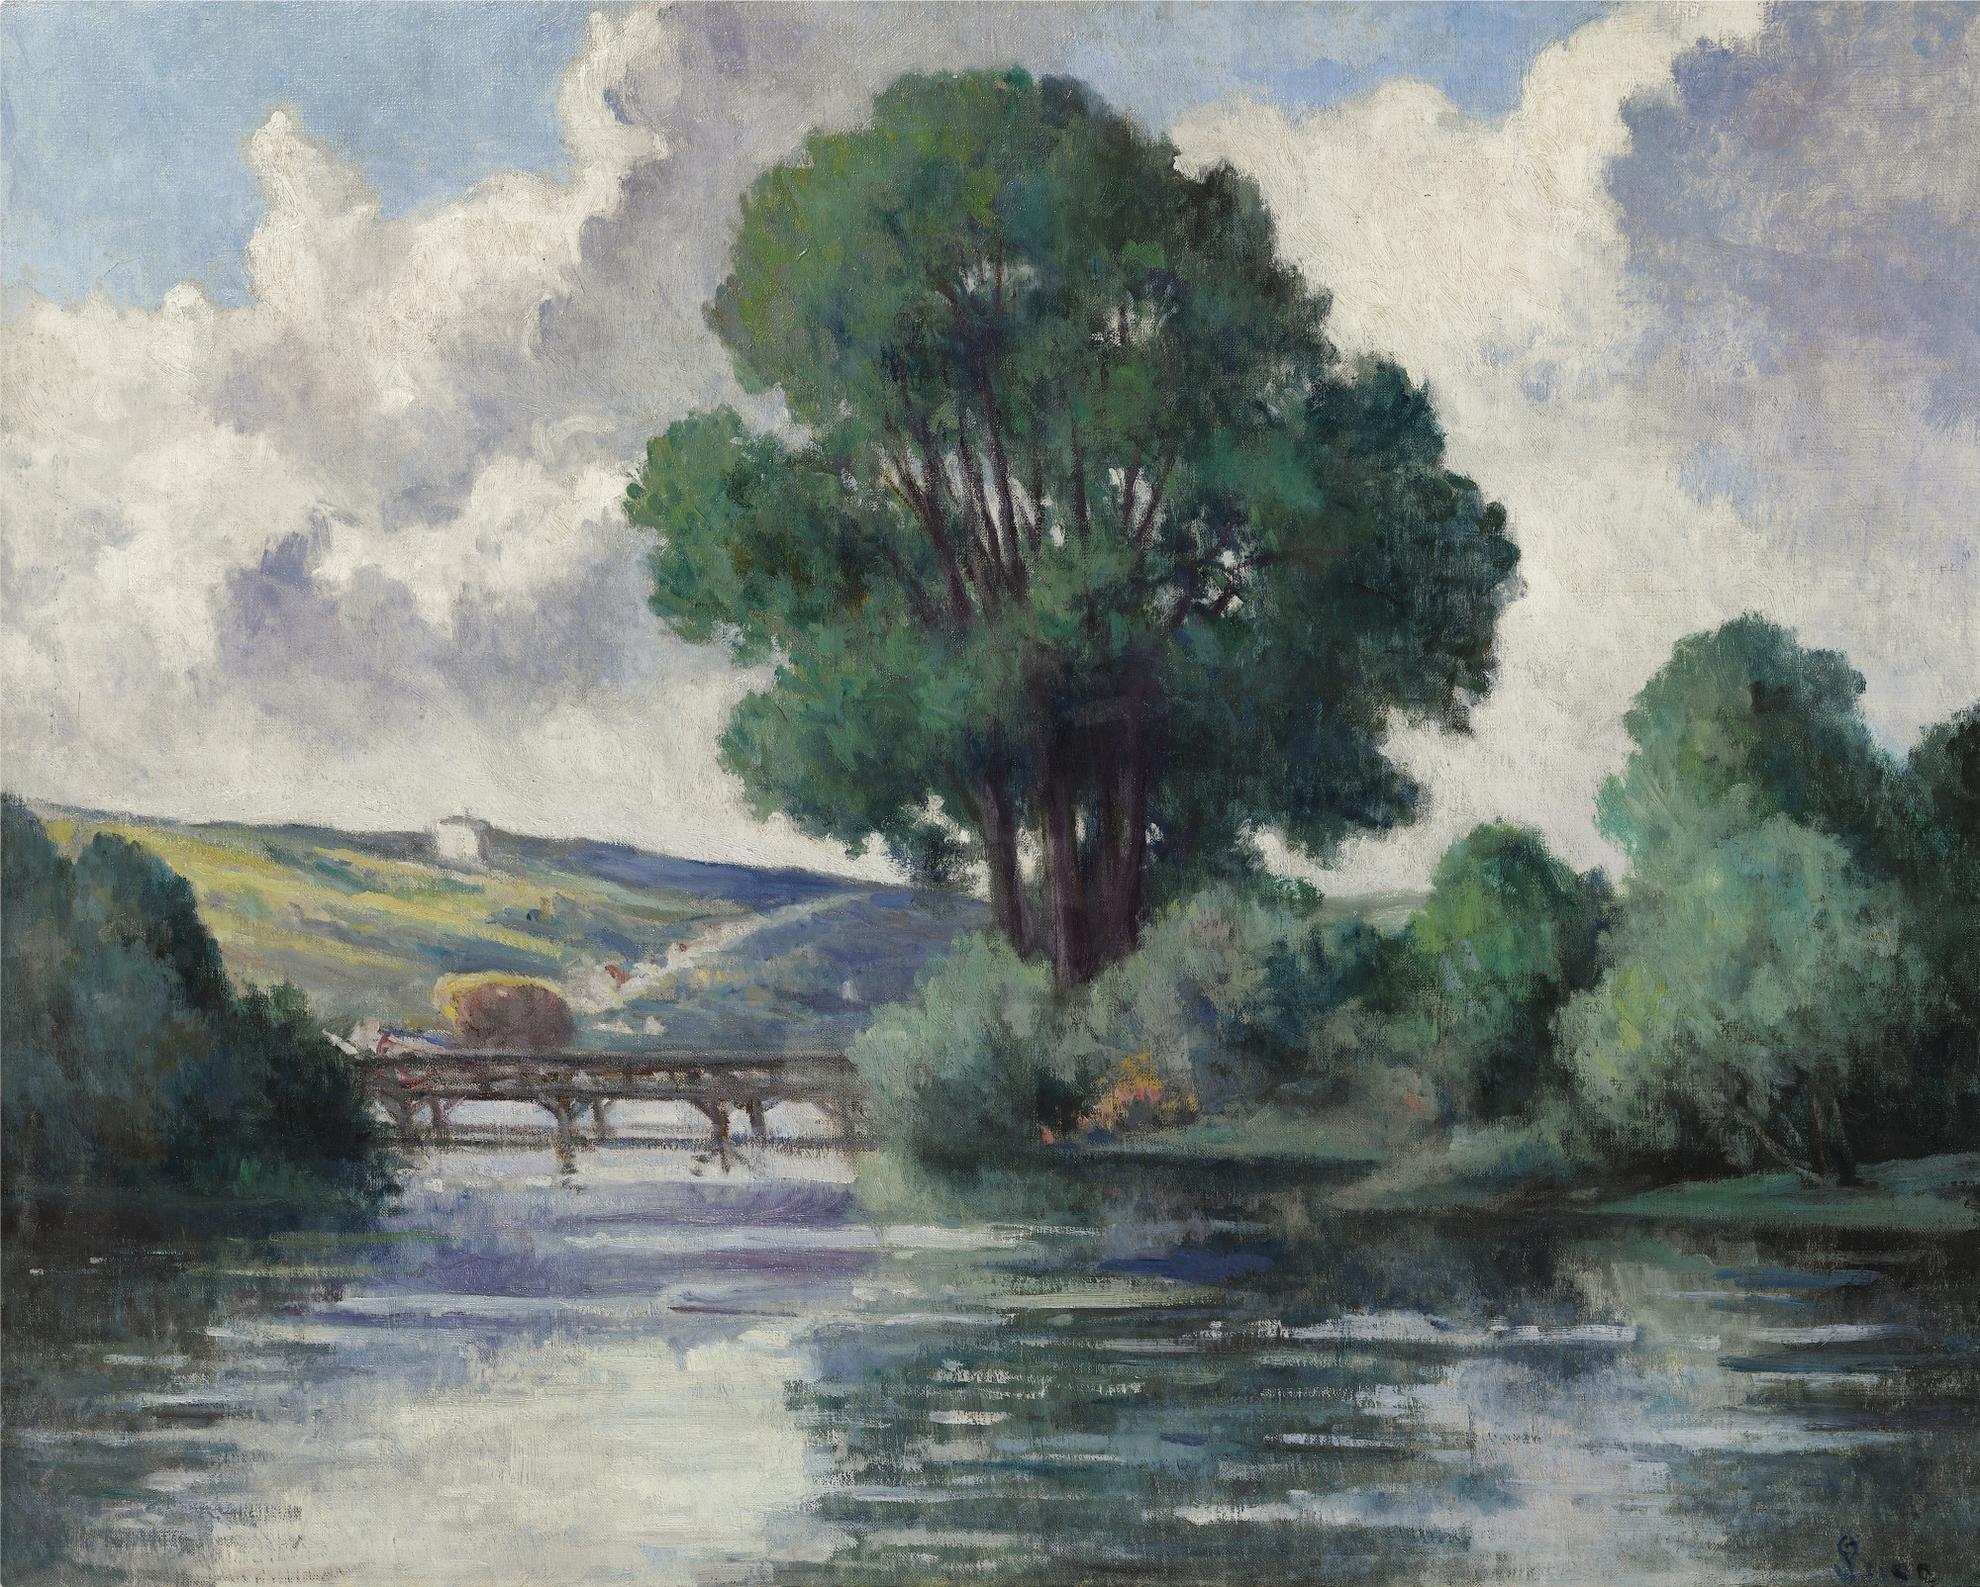 Maximilien Luce-La Passerelle Dherville-1925